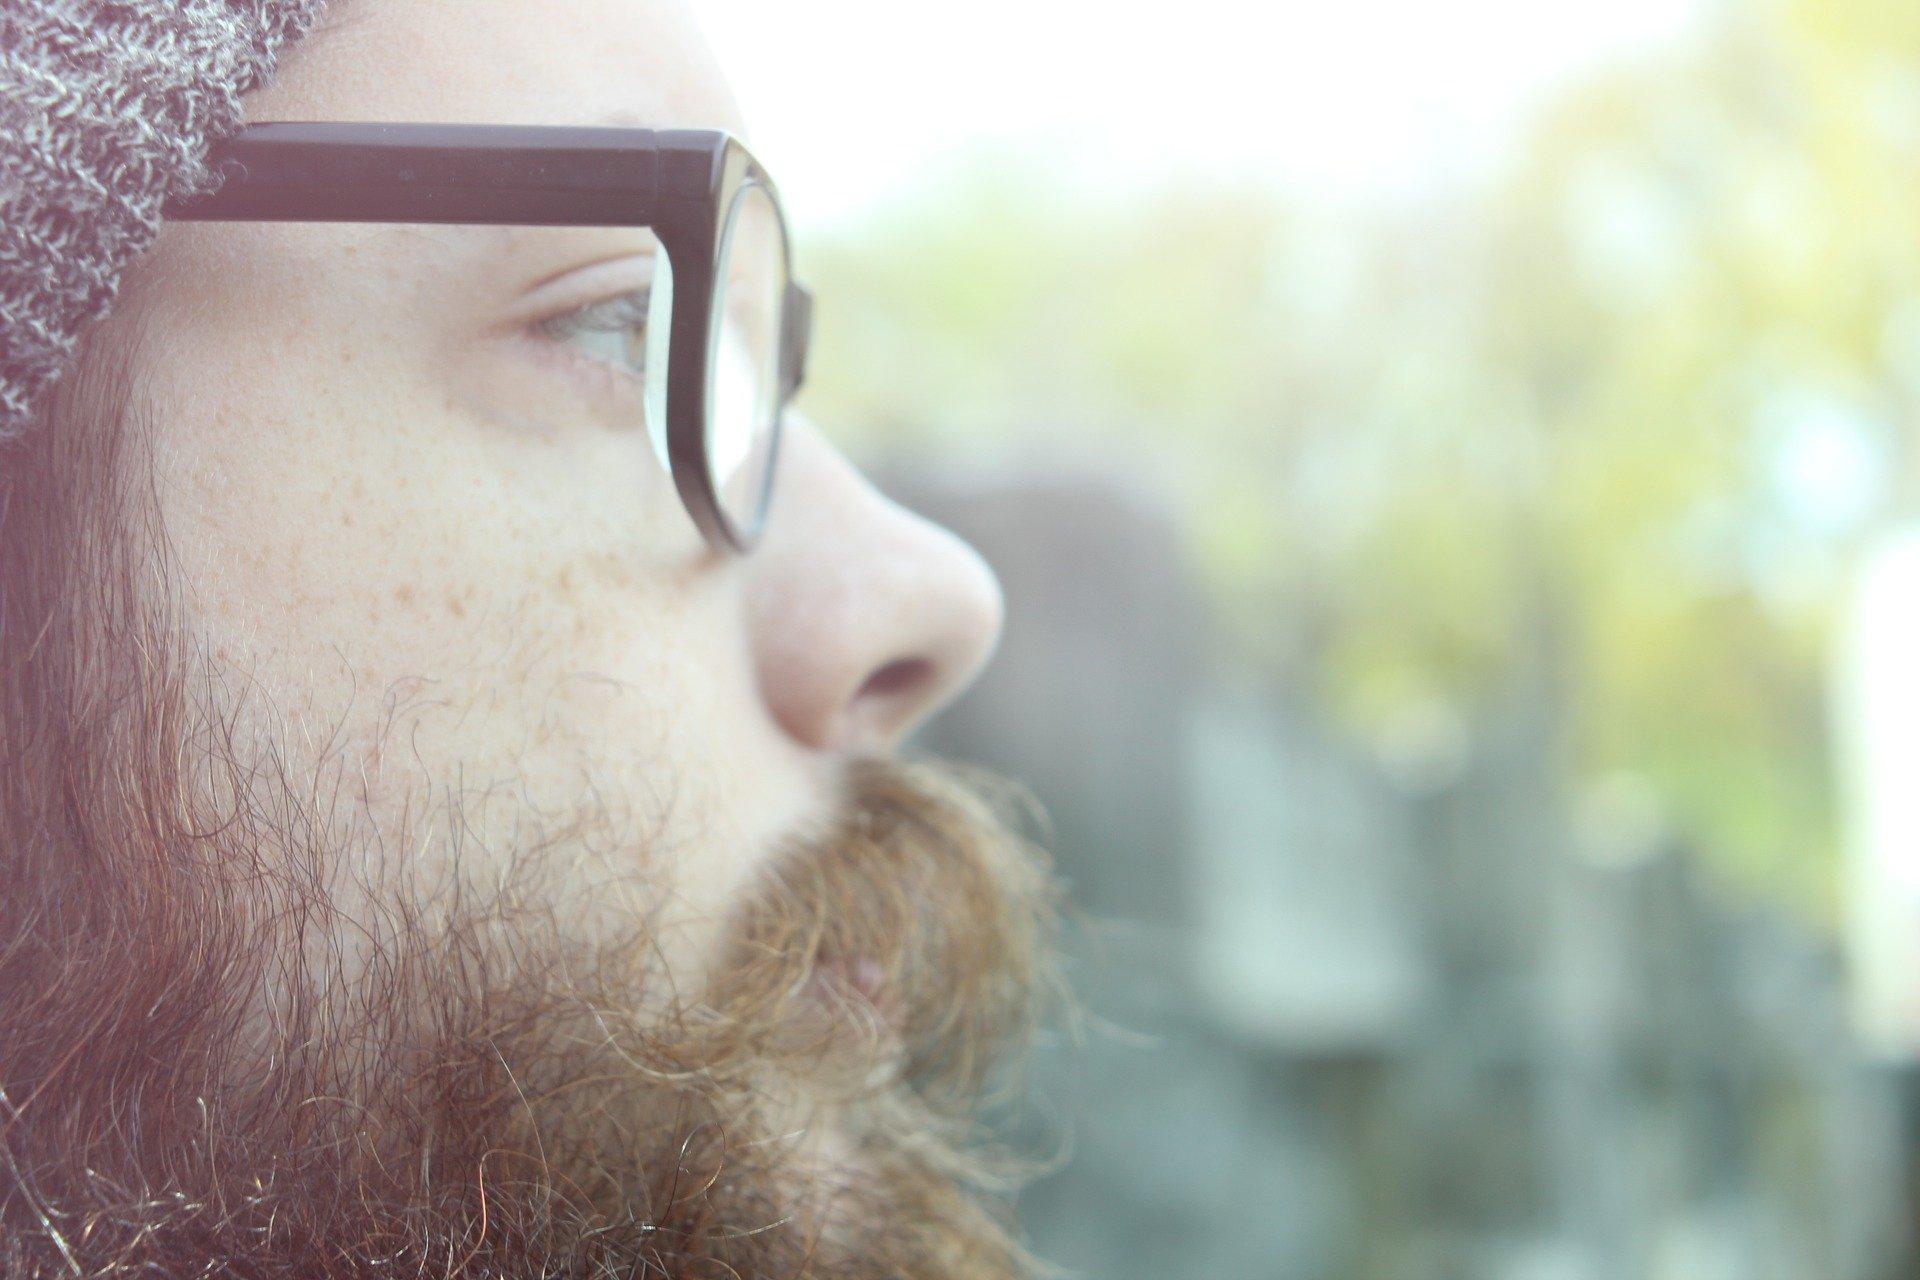 hipster-1032629_1920.jpg